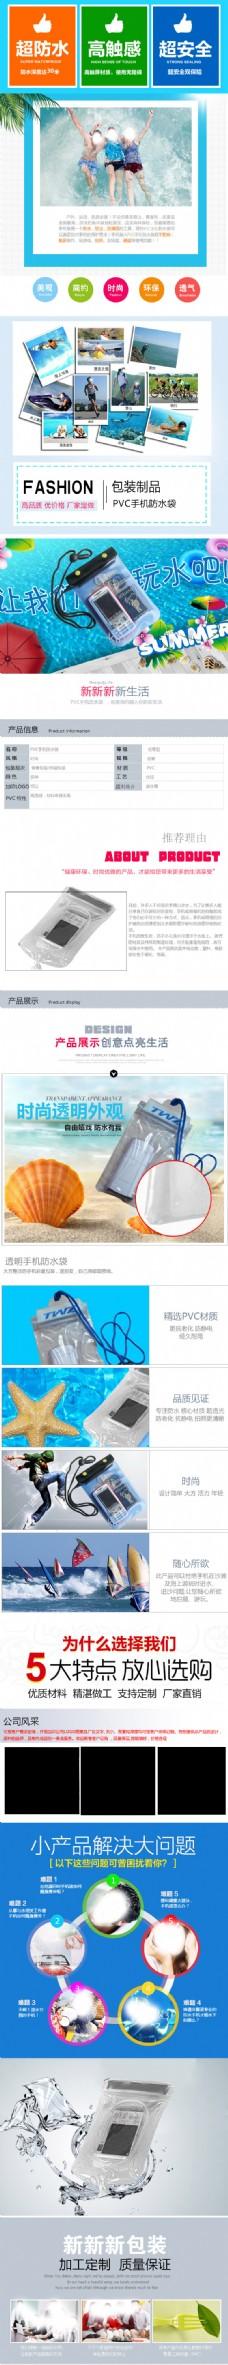 简约清新手机防水包袋详情素材